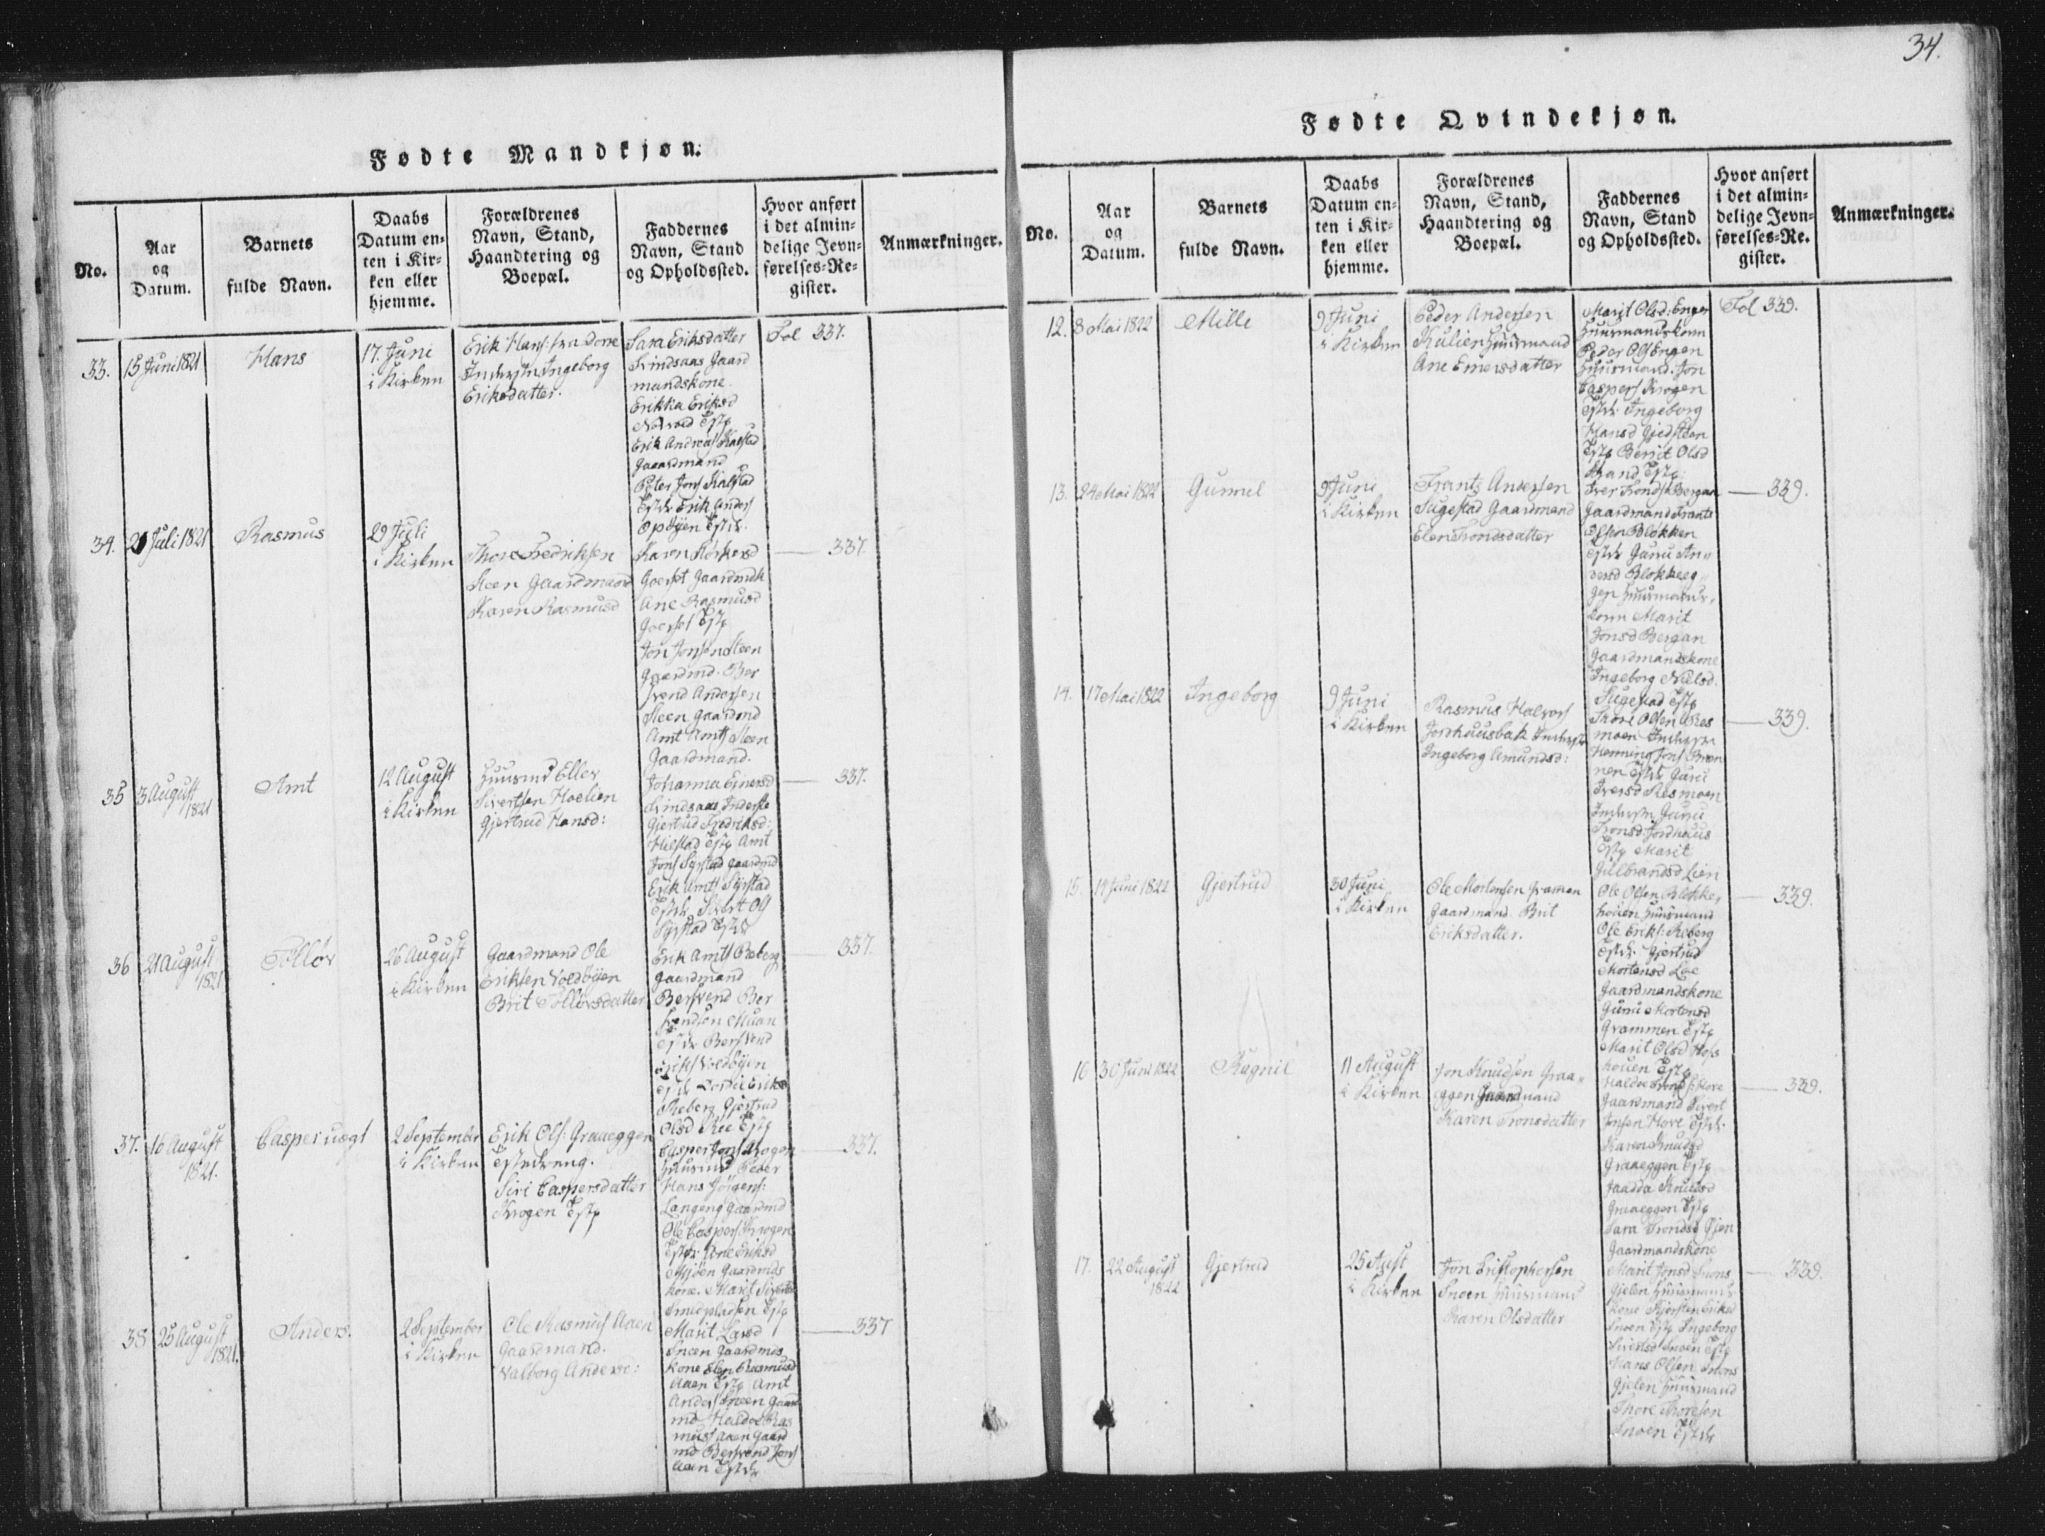 SAT, Ministerialprotokoller, klokkerbøker og fødselsregistre - Sør-Trøndelag, 672/L0862: Klokkerbok nr. 672C01, 1816-1831, s. 34